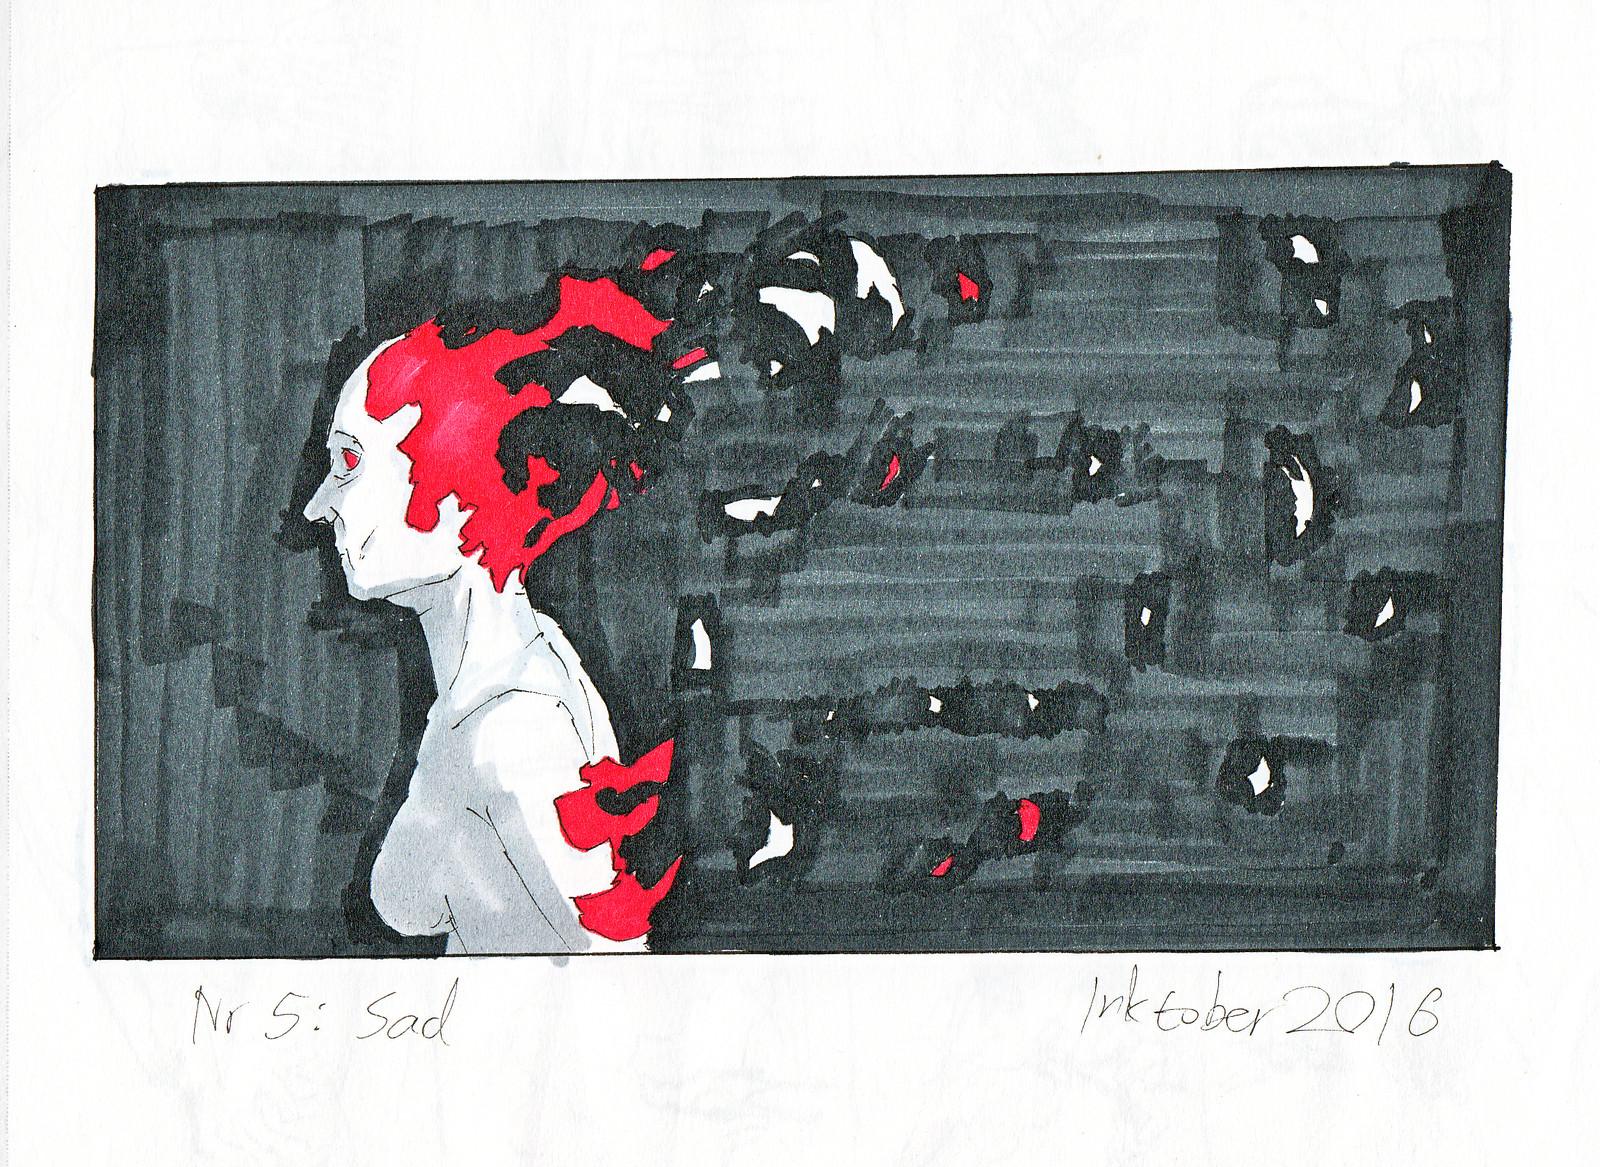 5: Sad